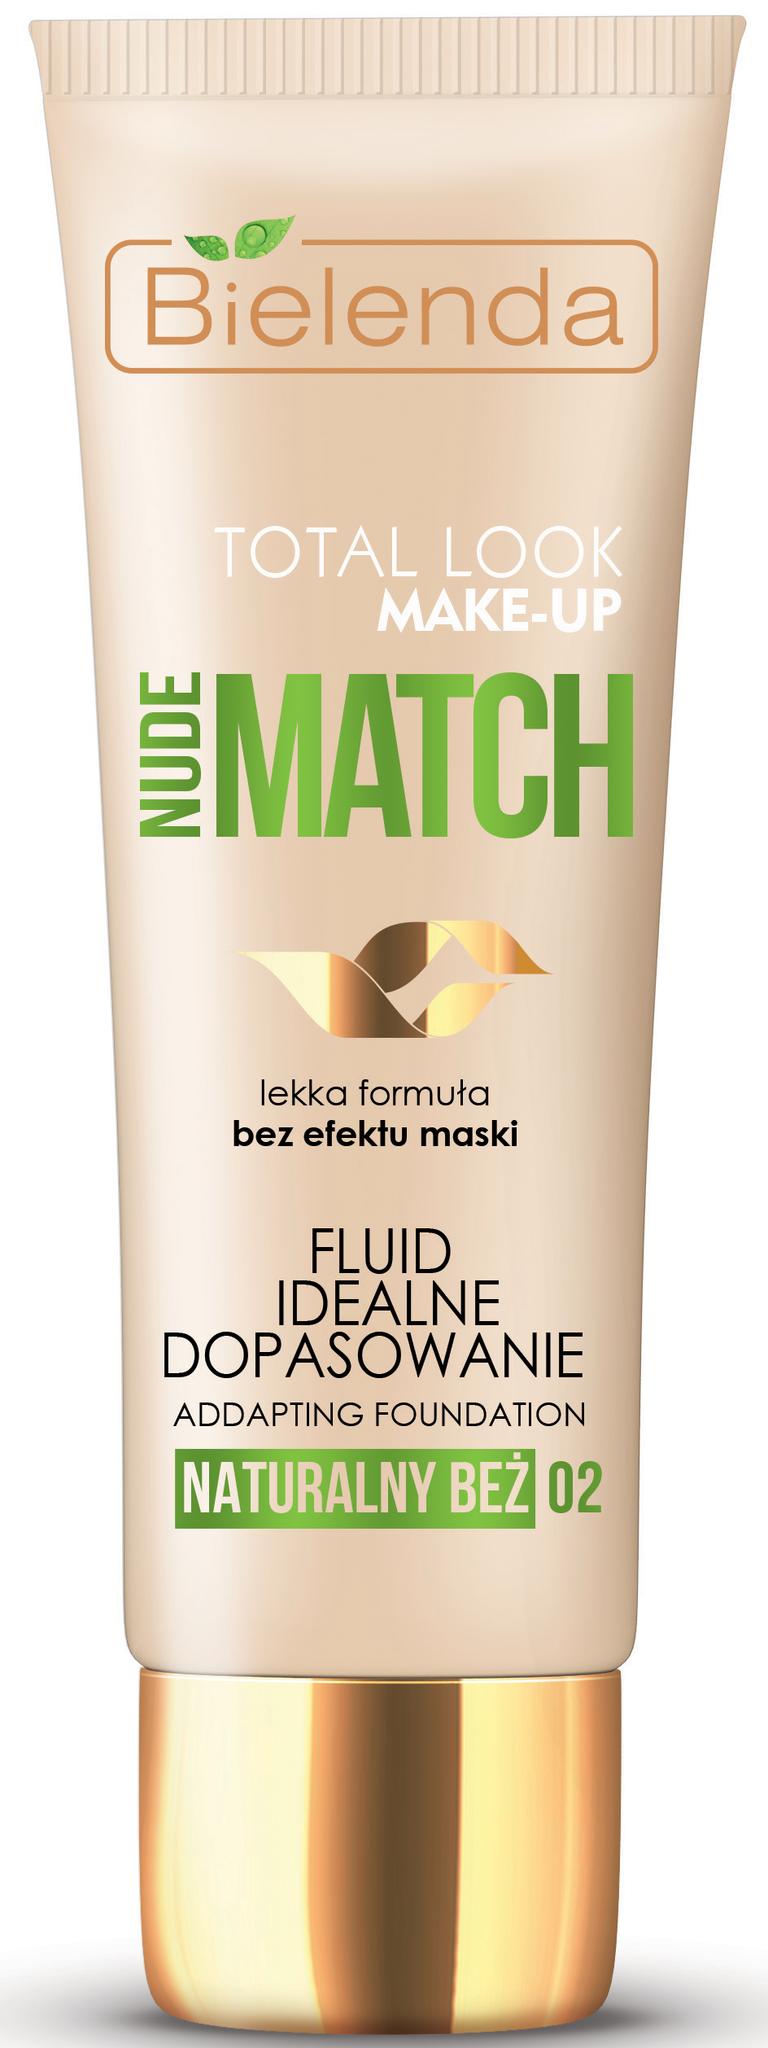 TOTAL LOOK MAKE-UP Тональный крем адаптирующийся под цвет кожи NUDE MATCH - натурально бежевый 30г